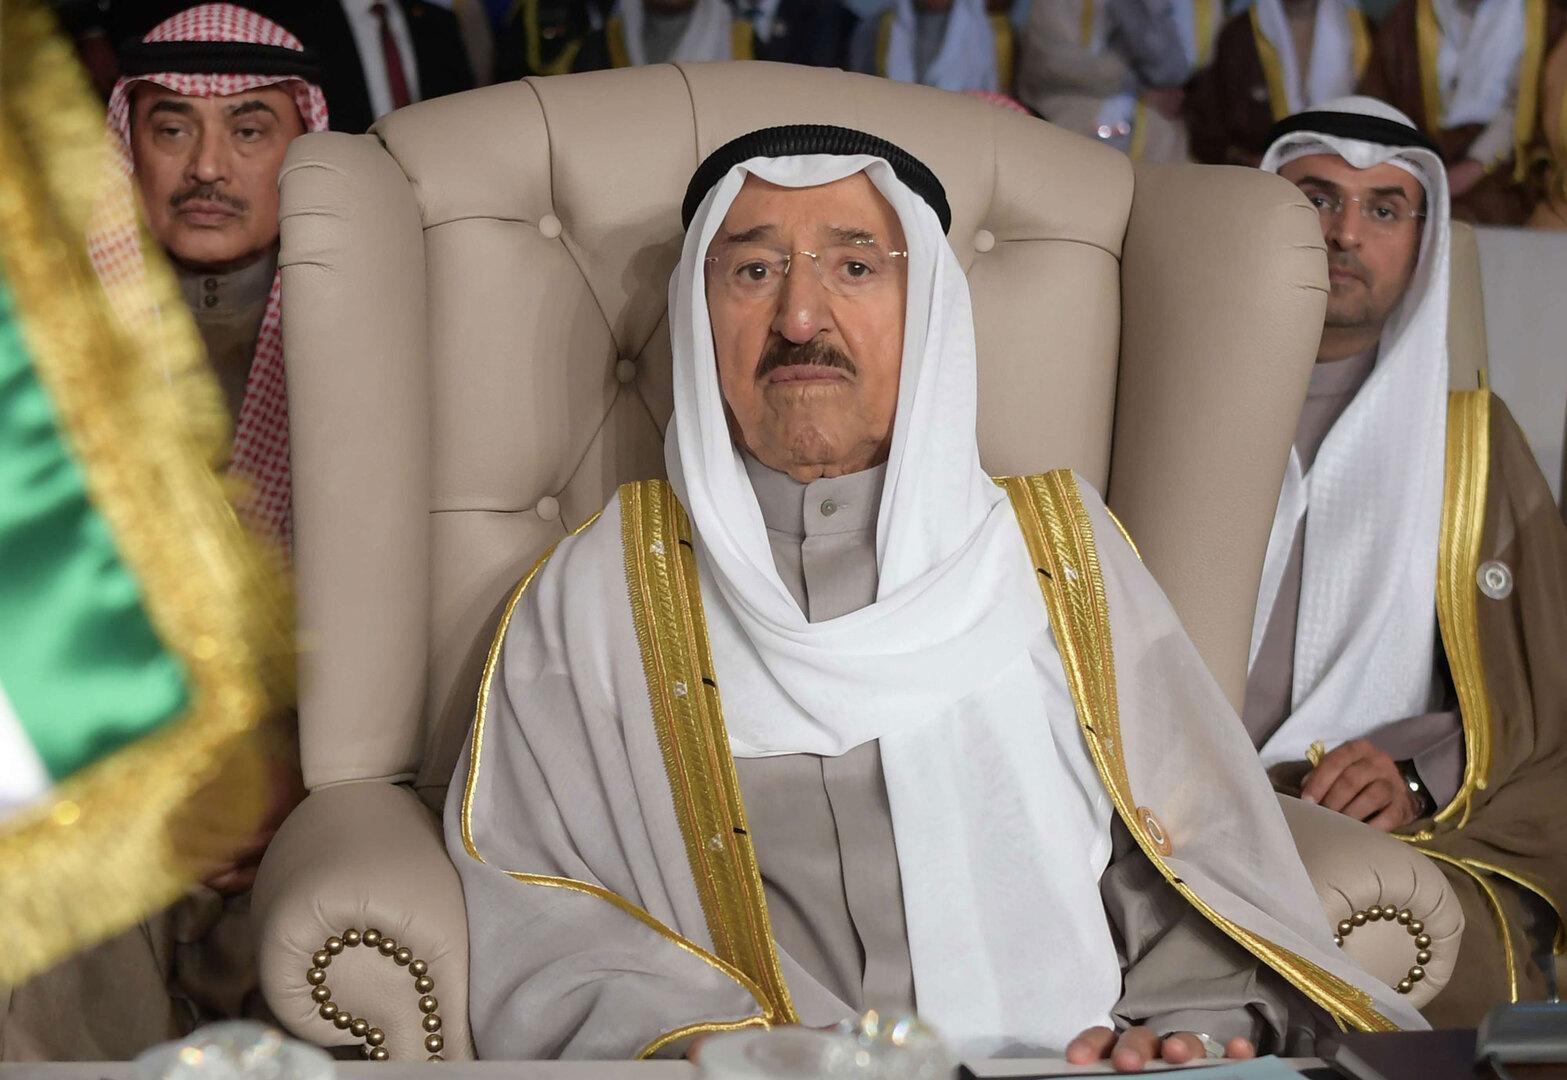 أمير الكويت الشيخ صباح الأحمد الجابر الصباح يخضع لعملية جراحية